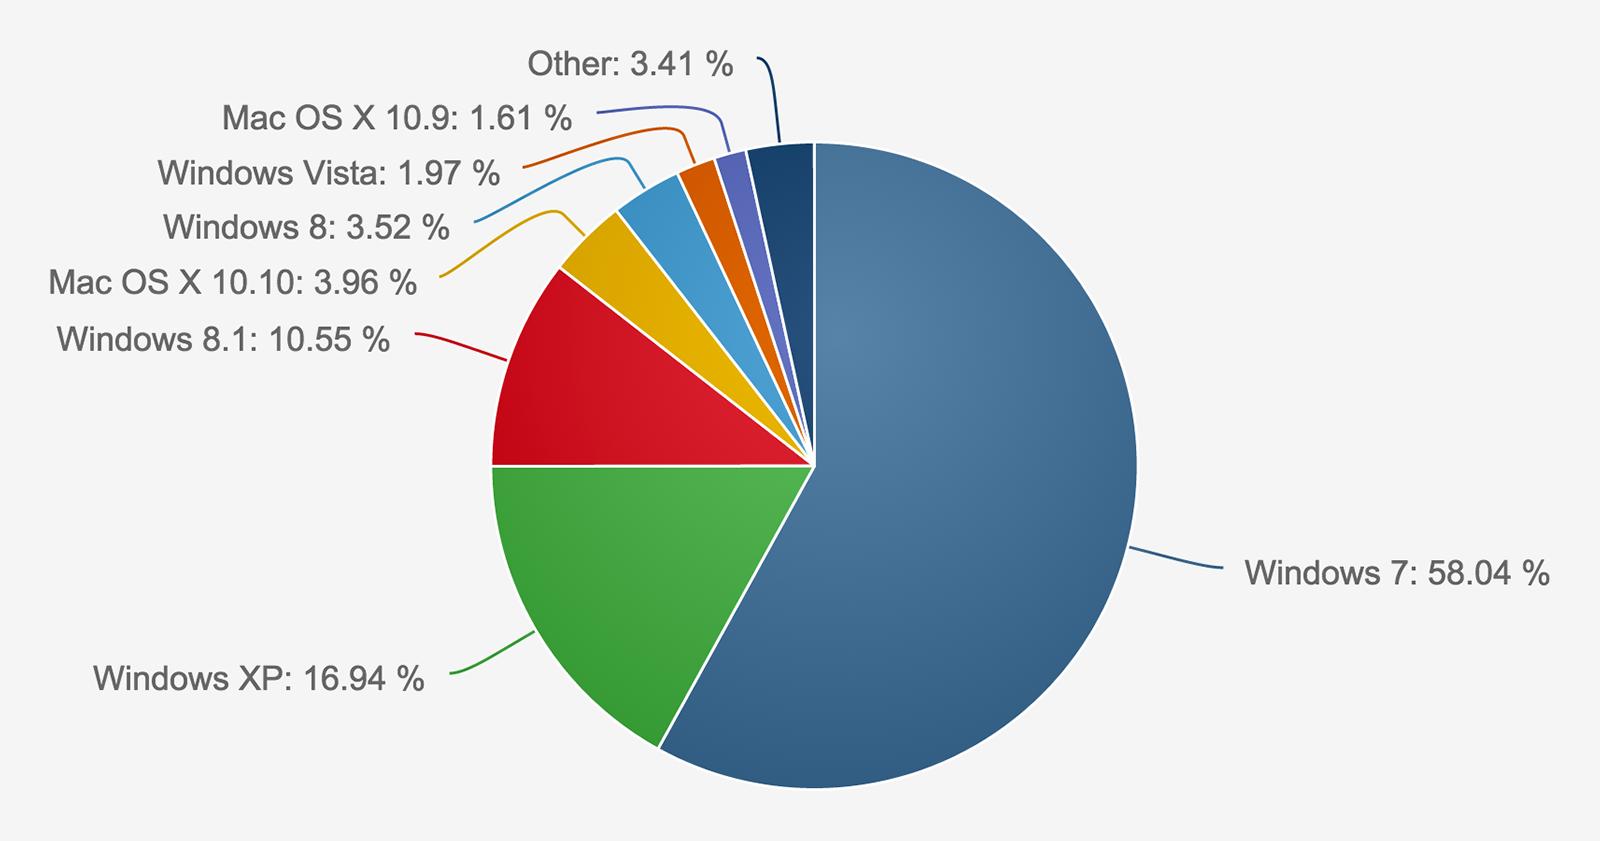 Les parts de marché des systèmes d'exploitation selon Net Applications (excluant les appareils mobiles) pour le mois de mars 2015.